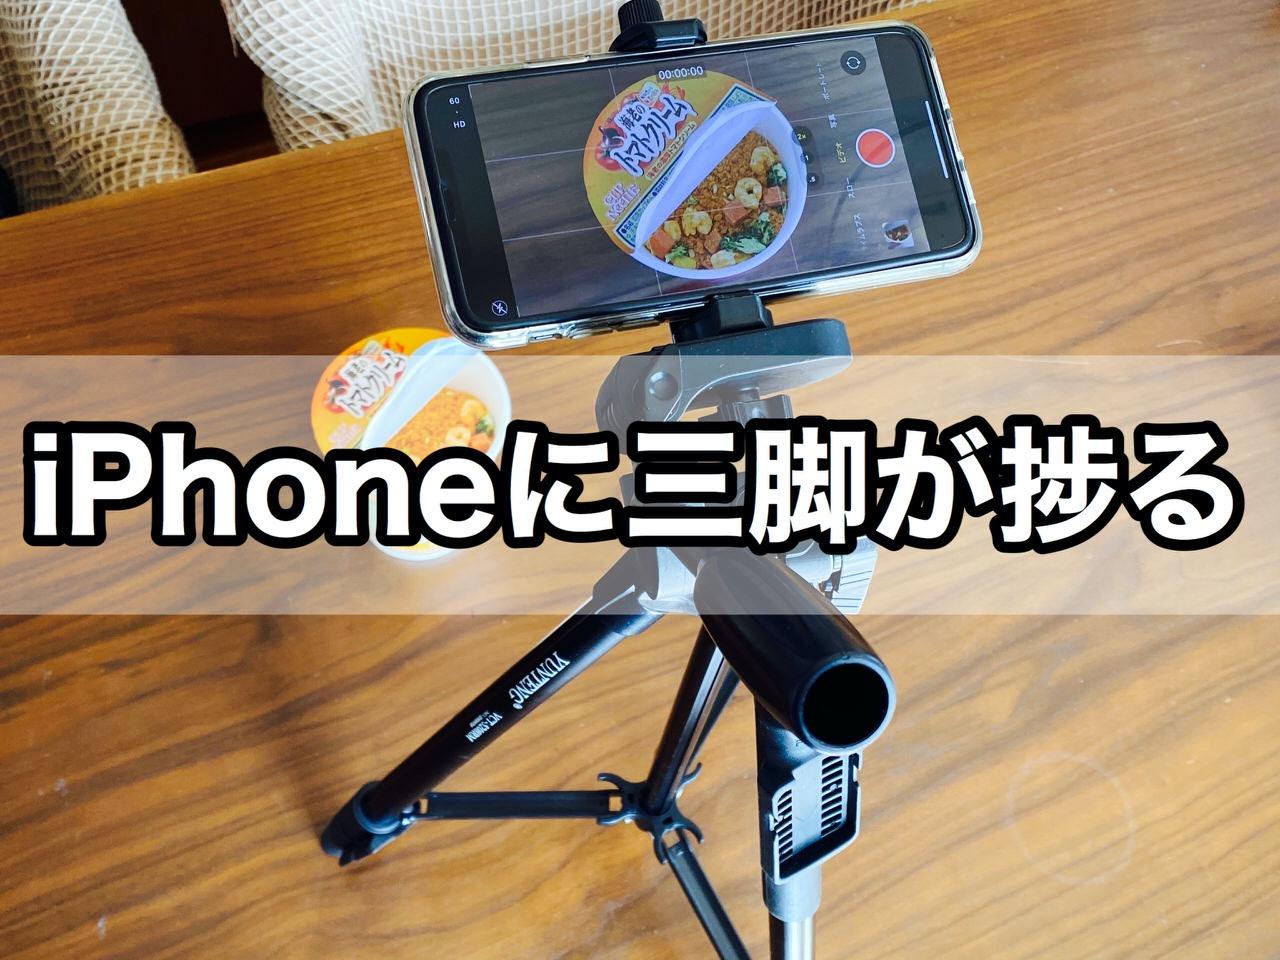 もっと早く導入しておくべきだった!Bluetoothリモコン付きのスマホ三脚でiPhoneの写真・動画撮影が捗る